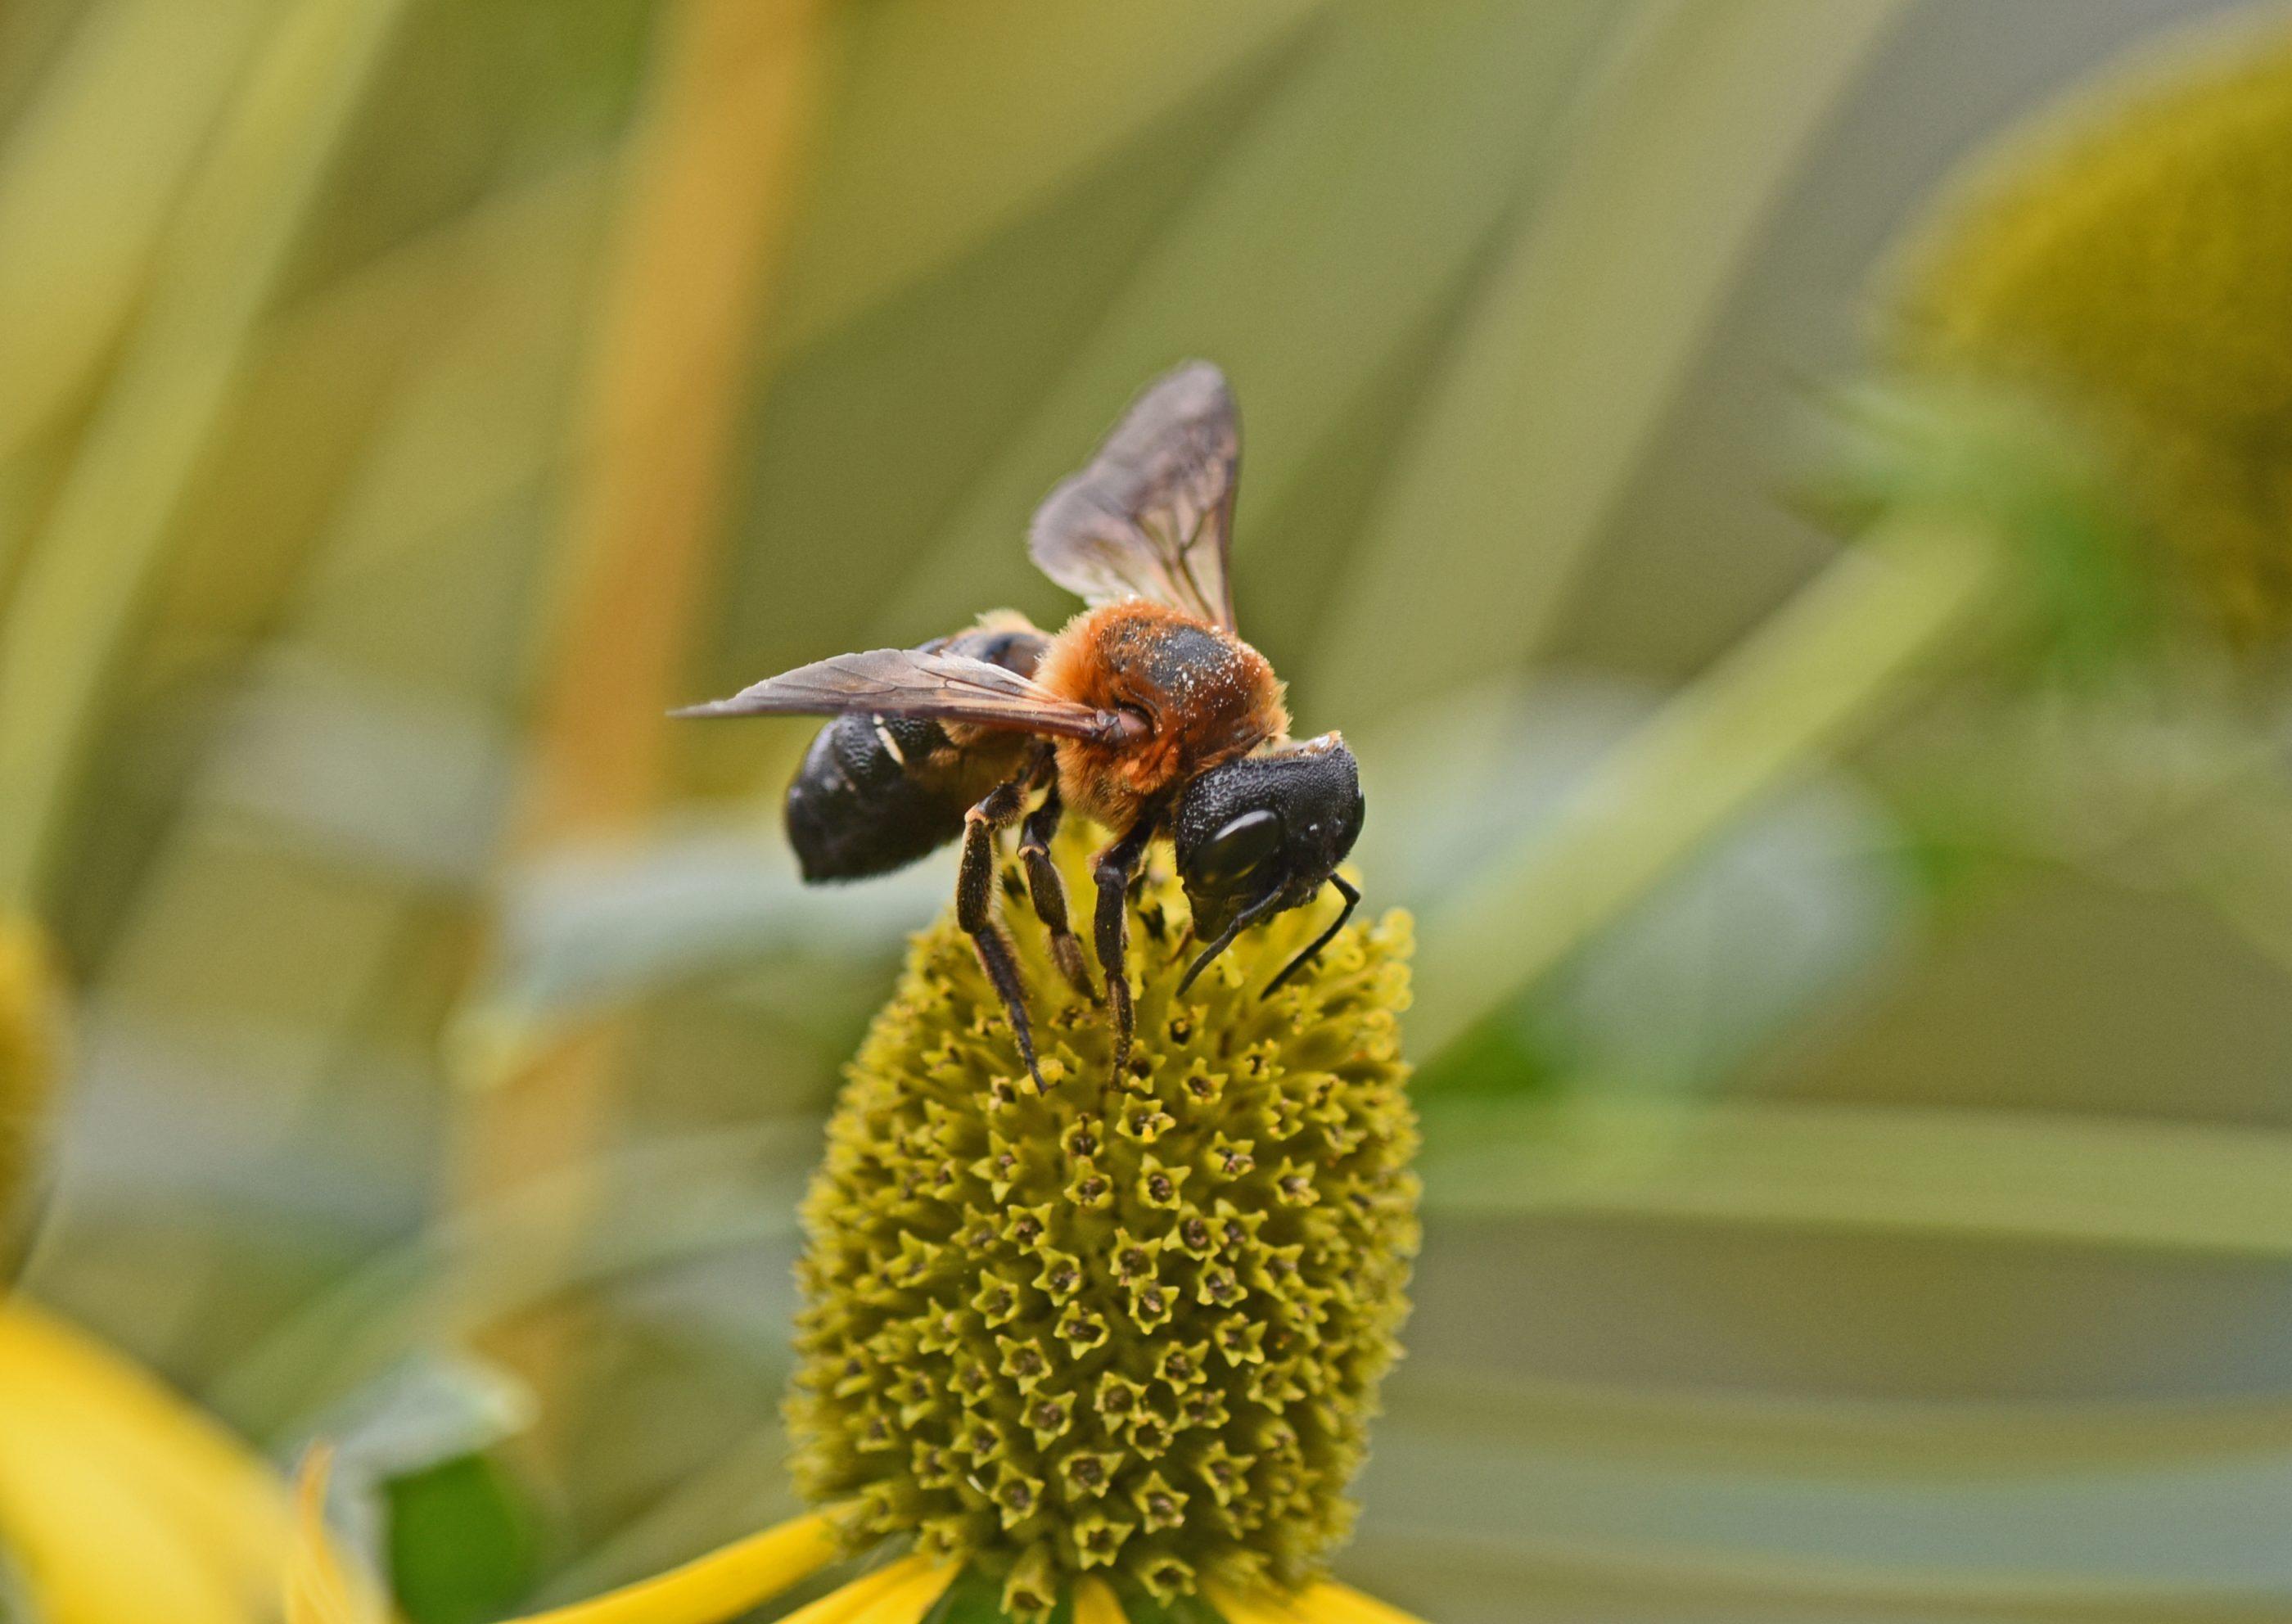 ⇑ ネットで名前を調べたらオオハキリバチと有ります。正しいでしょうか。クマバチを細長くした感じです。